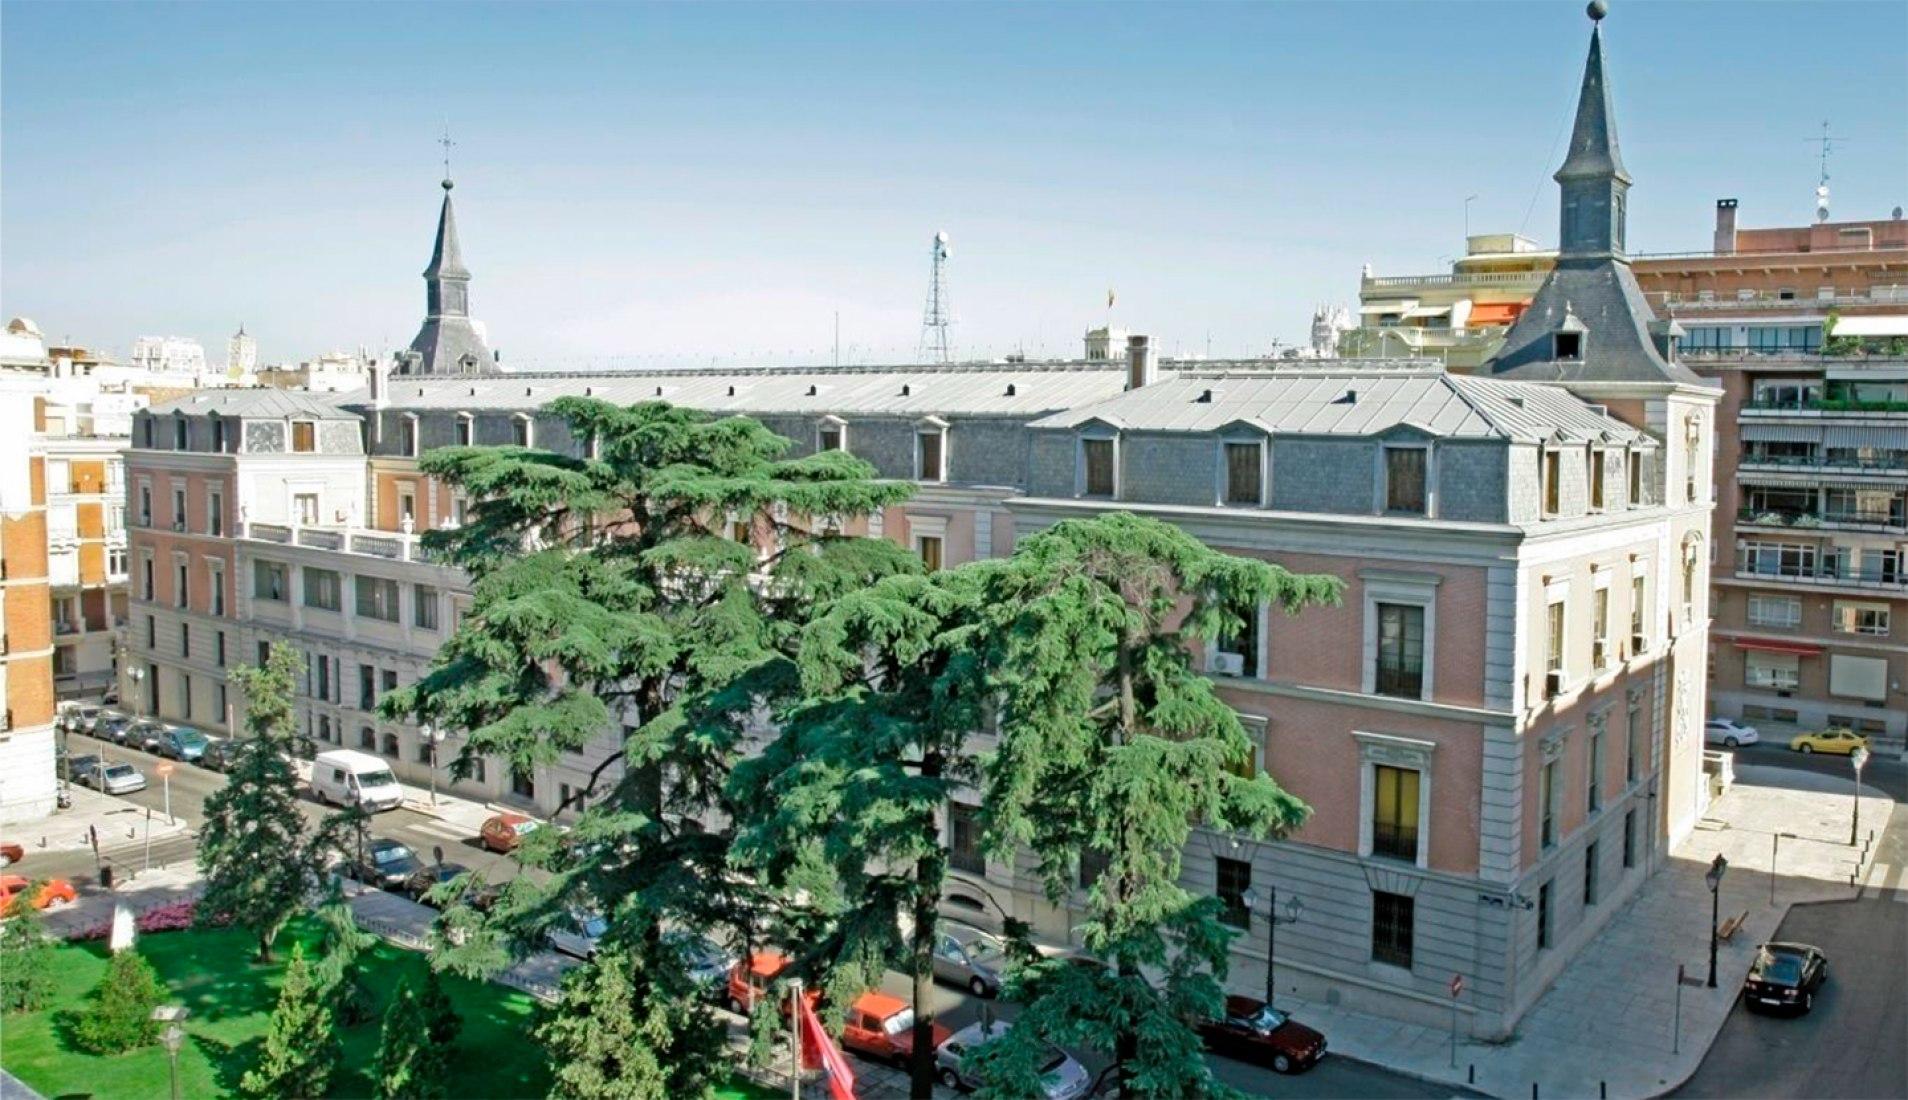 Imagen del exterior. Cortesía del concurso plateado por el Museo del Prado.